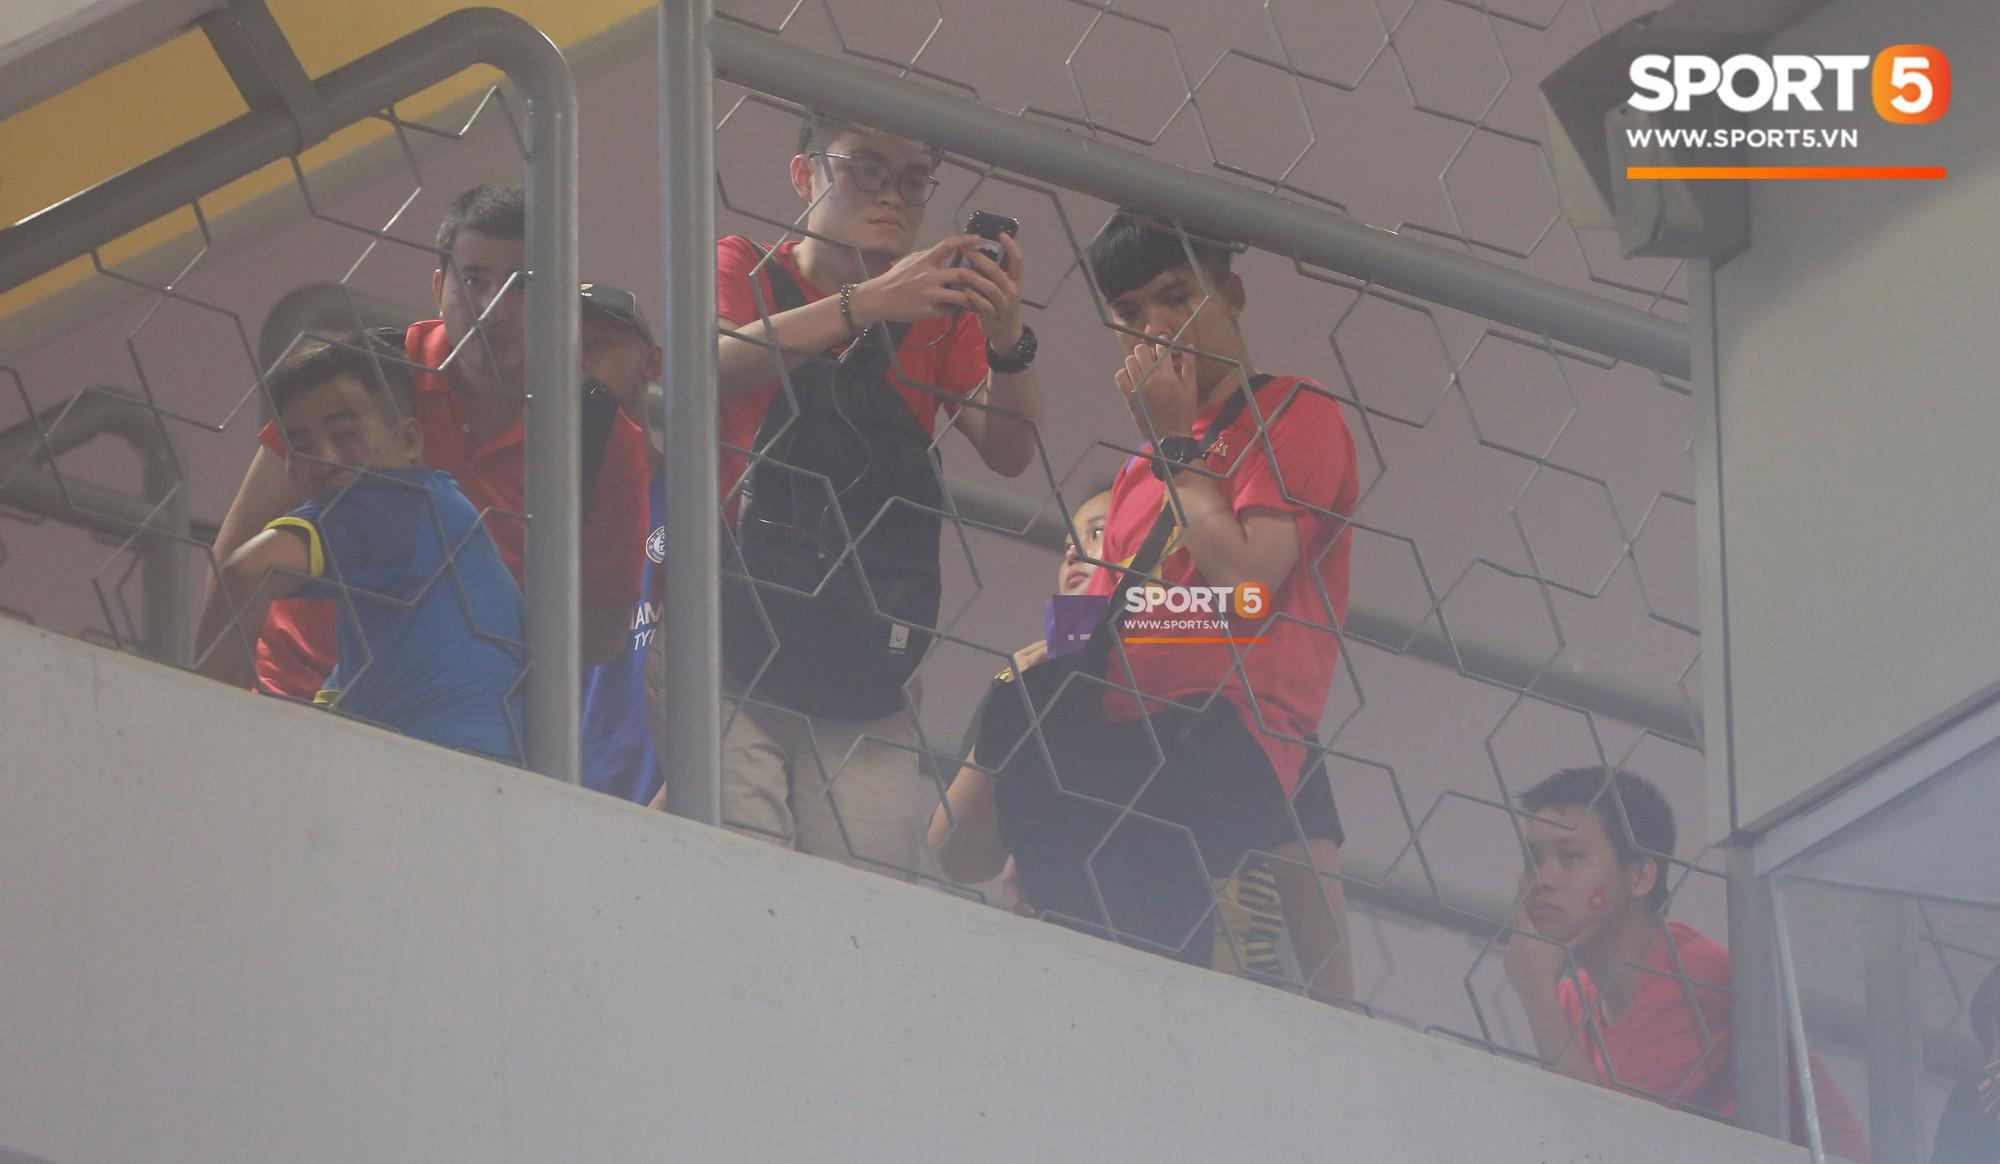 Báo Malaysia thay CĐV Việt Nam nói lên nỗi bức xúc vì bị cướp chỗ trên khán đài Bukit Jalil - Ảnh 3.